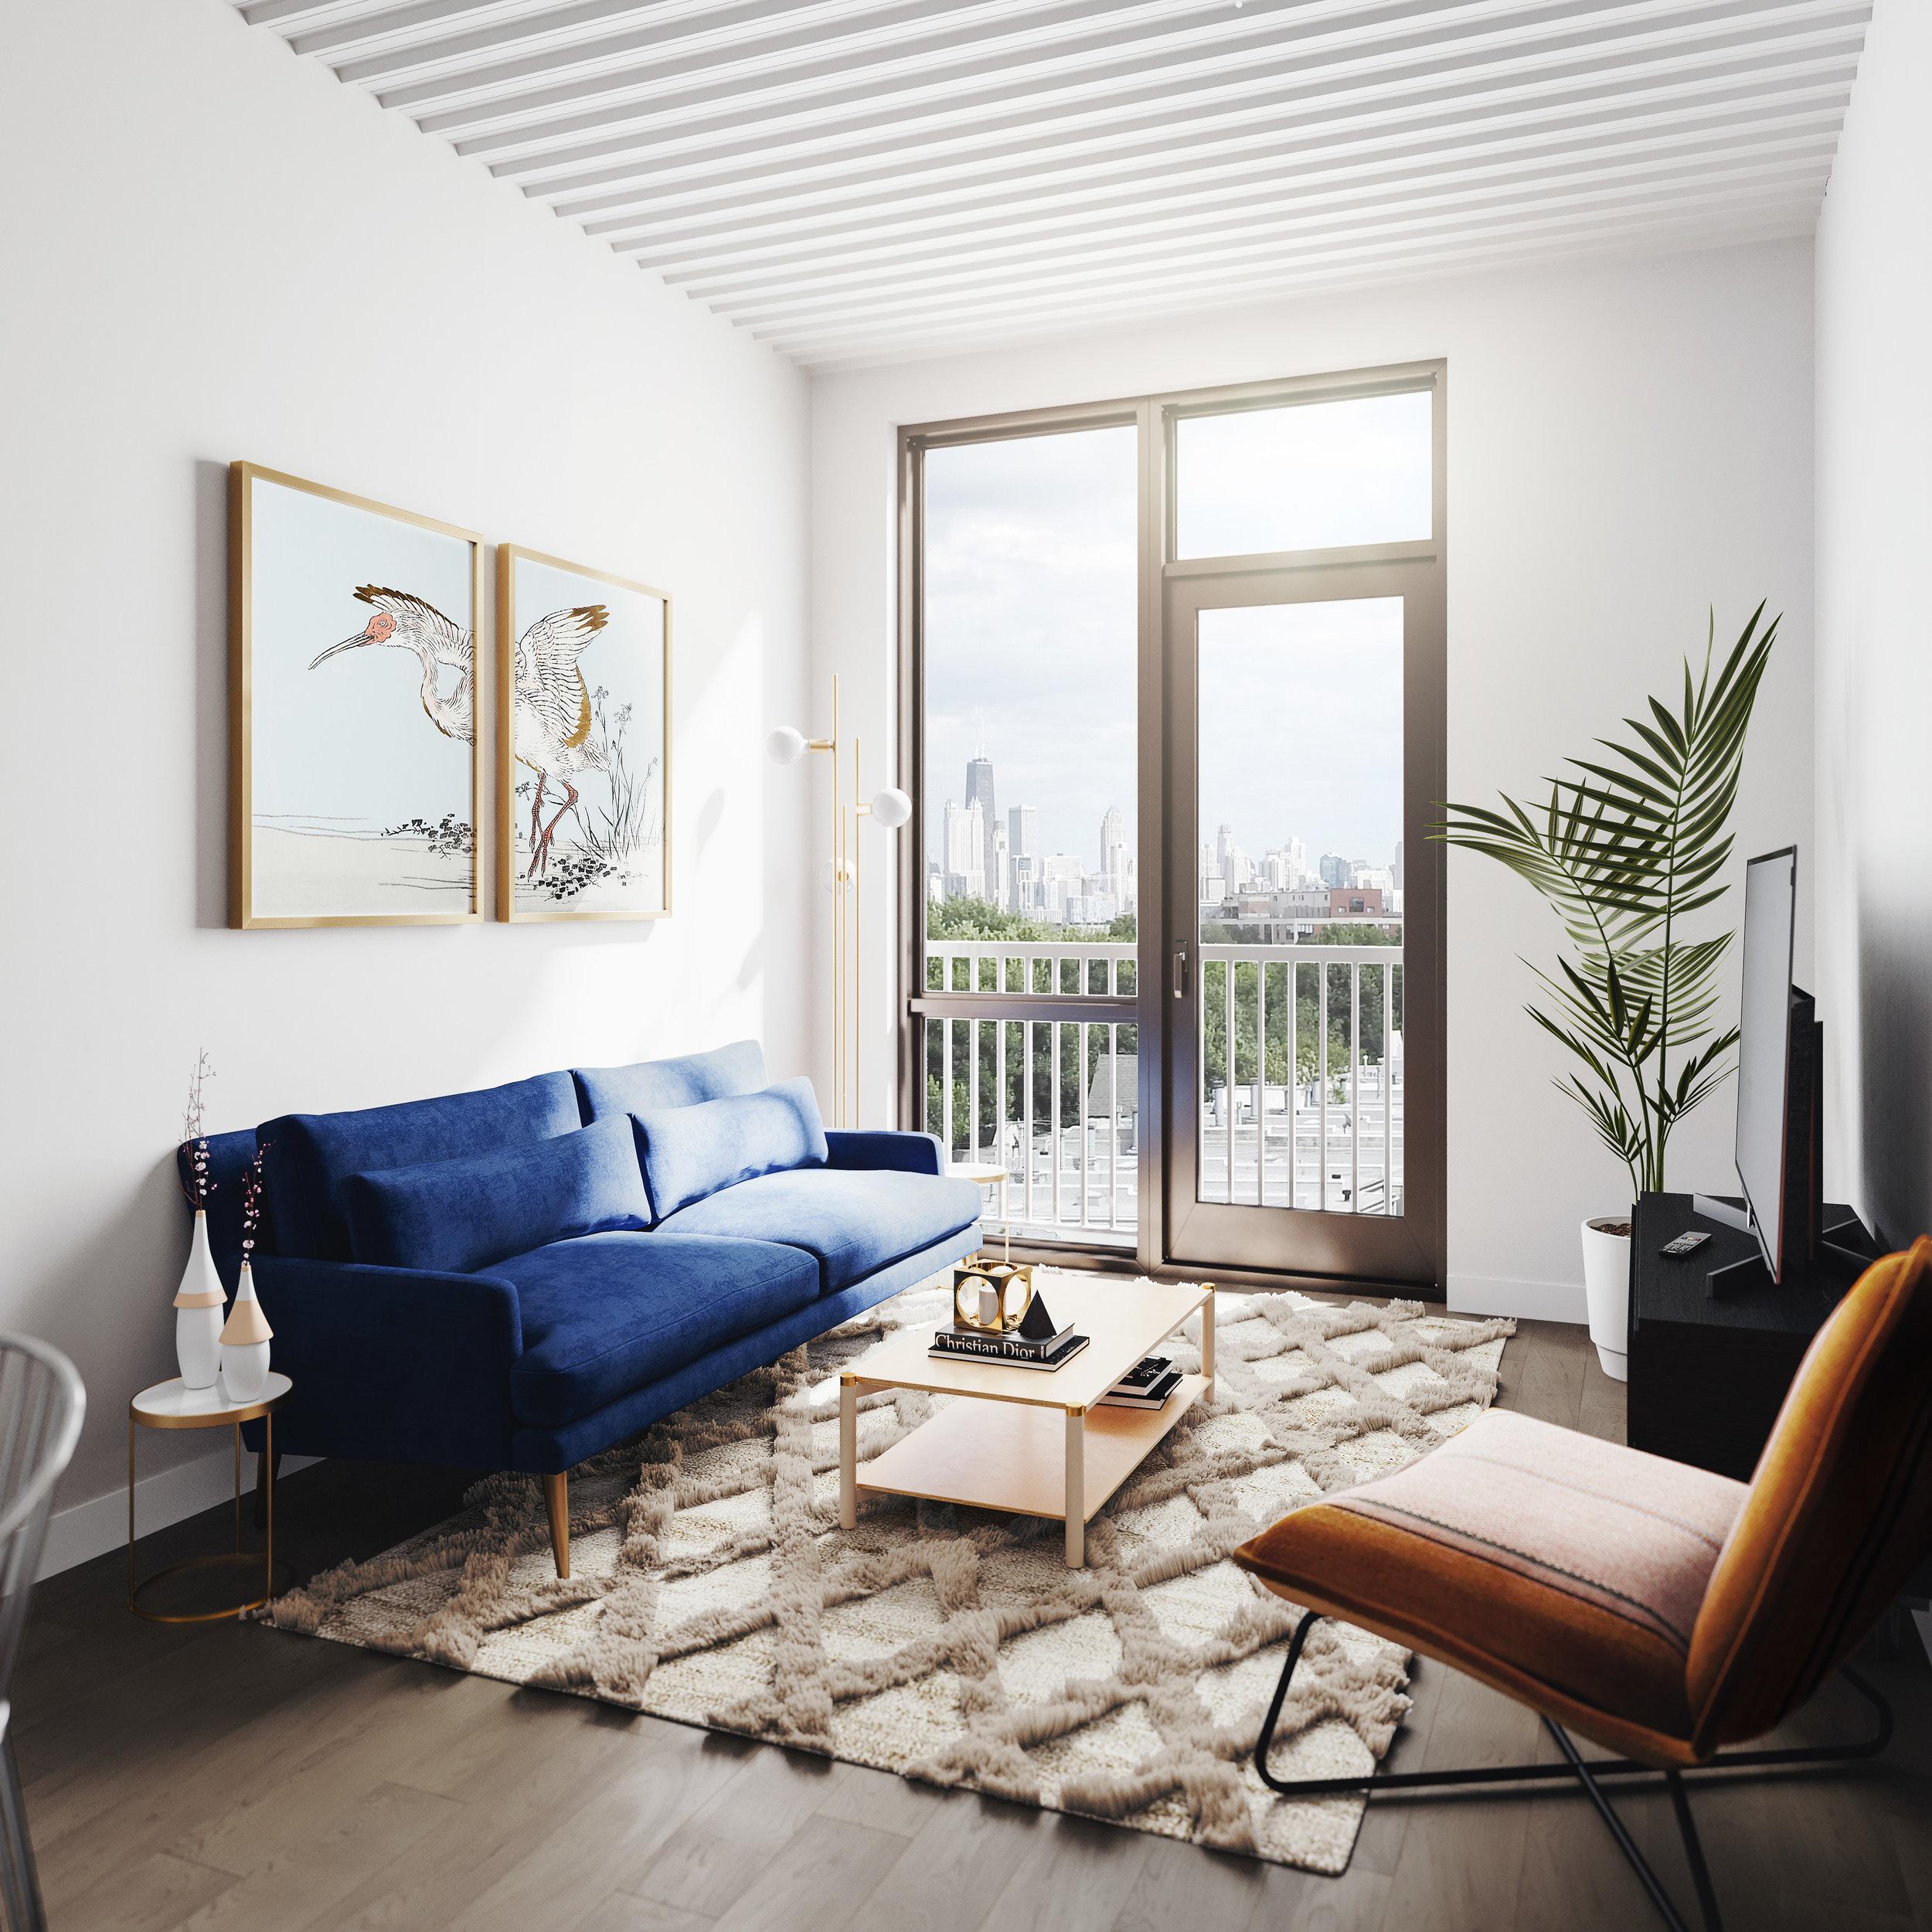 1437 wells_Livingroom 02_F.jpg